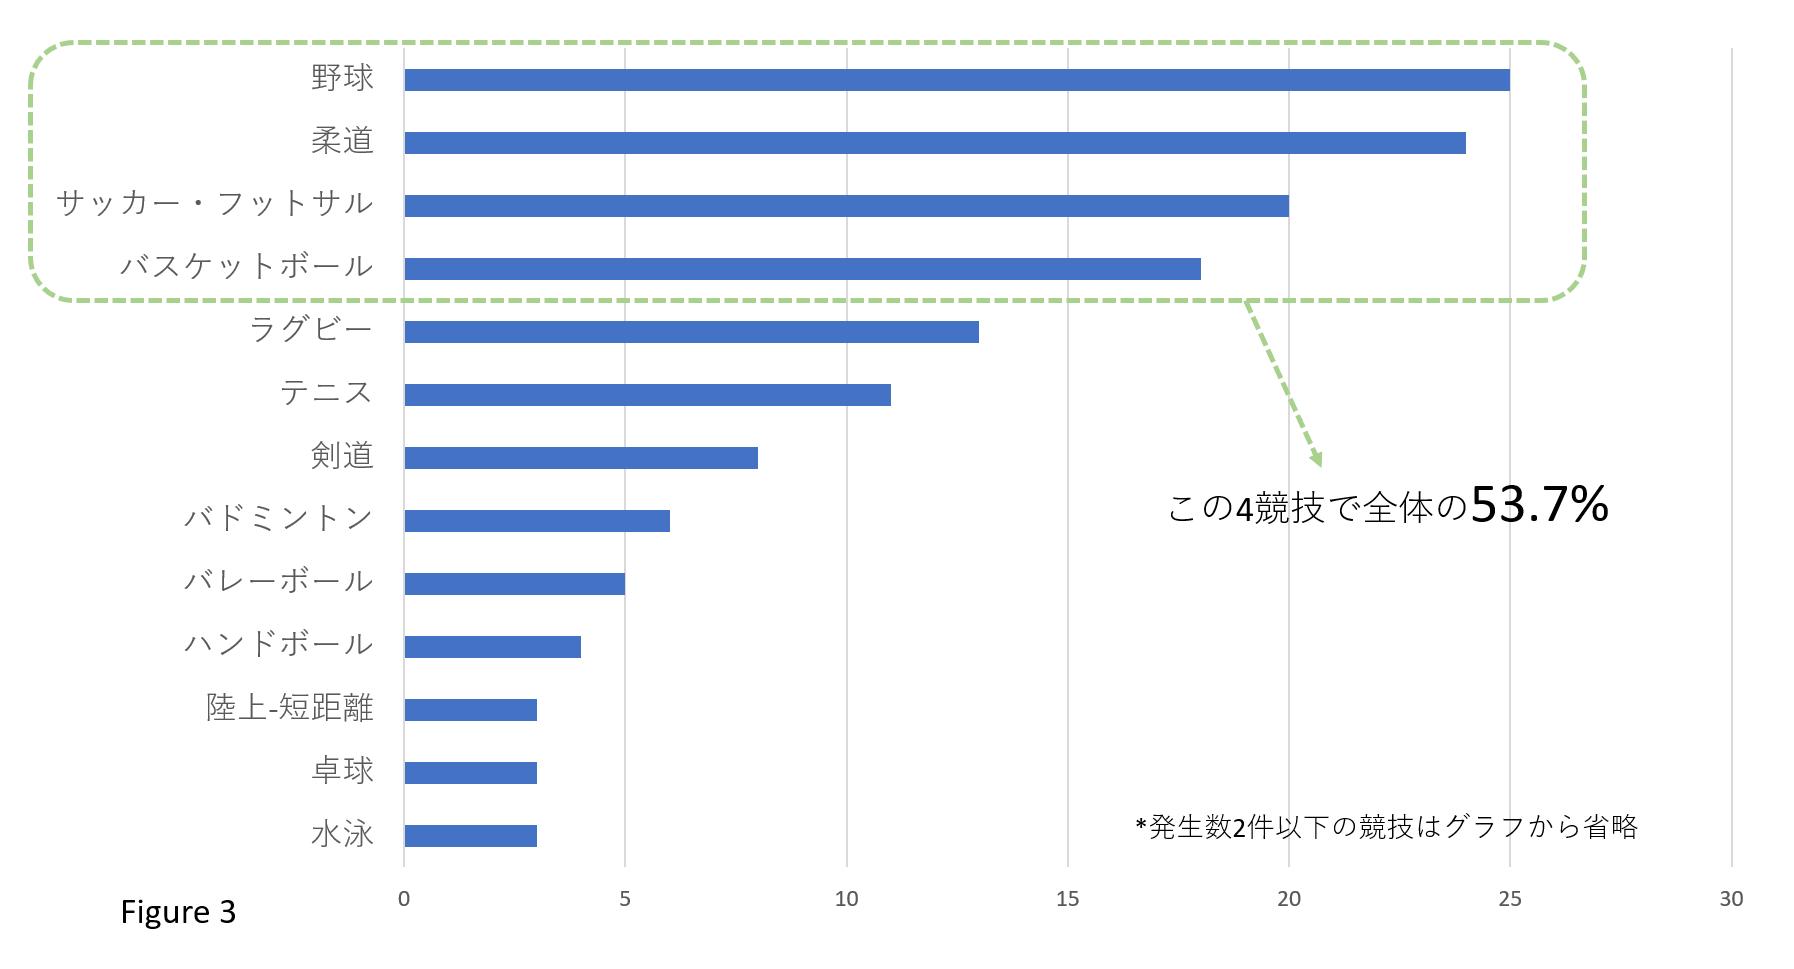 最新エビデンスレビューから紐解く、日本の中学・高校の部活動で起こる死亡事故の実態_b0112009_08154521.png